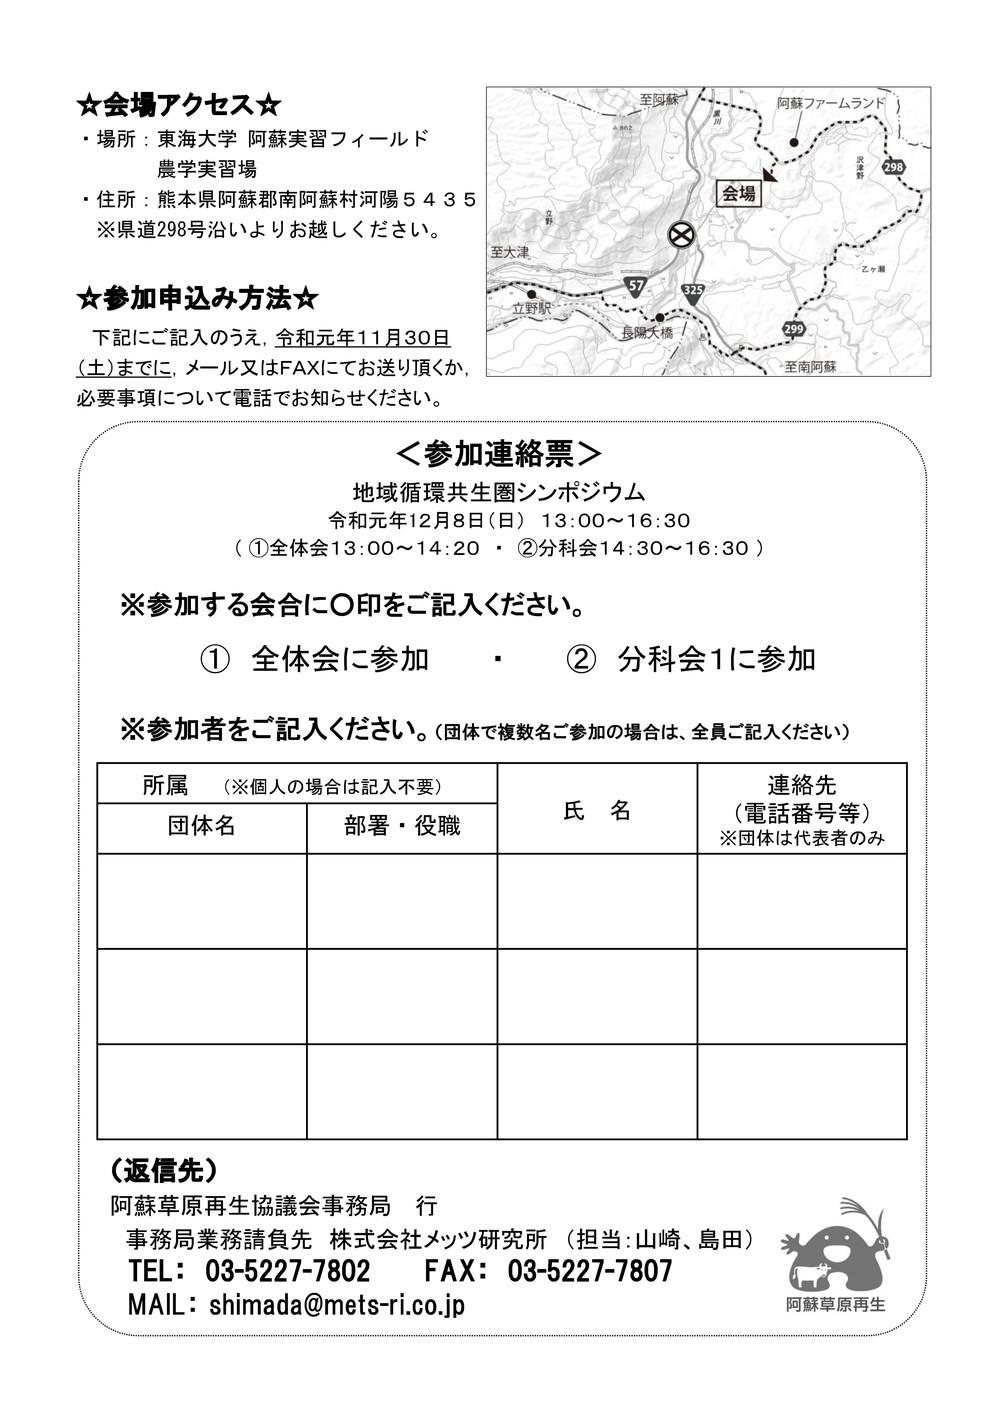 「阿蘇草原の新たな可能性」について学びませんか?_a0114743_09265322.jpg